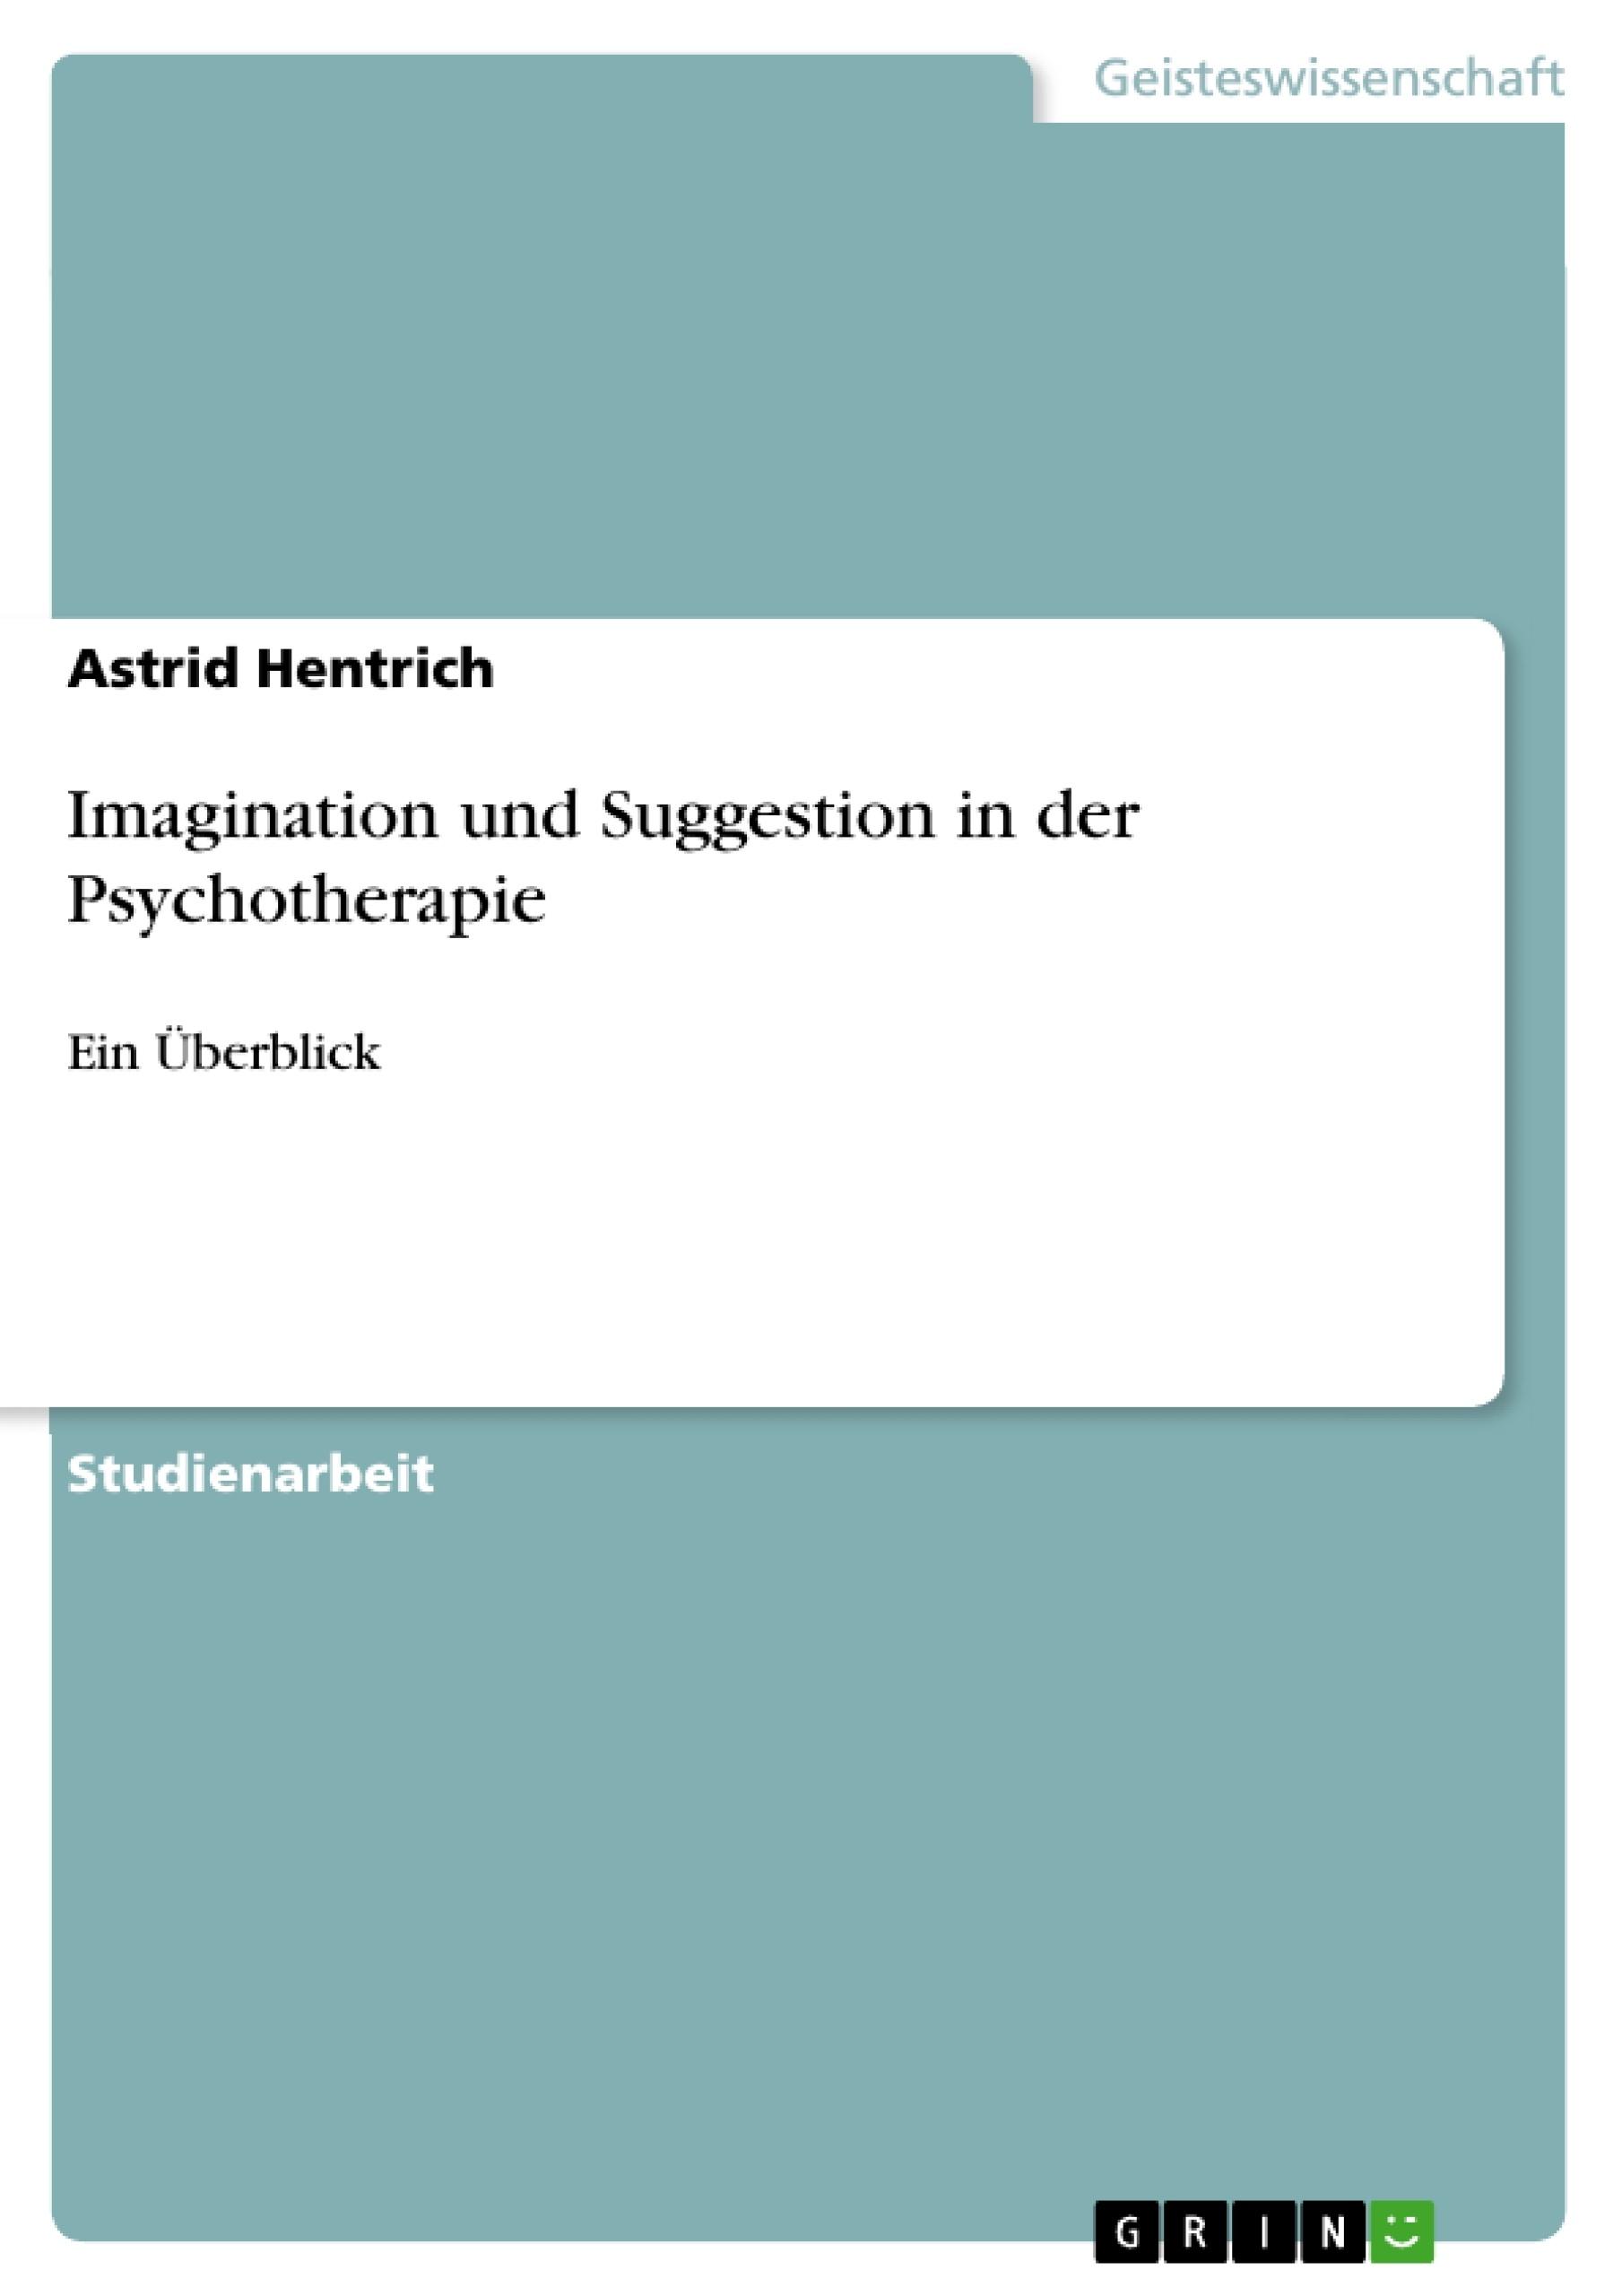 Titel: Imagination und Suggestion in der Psychotherapie